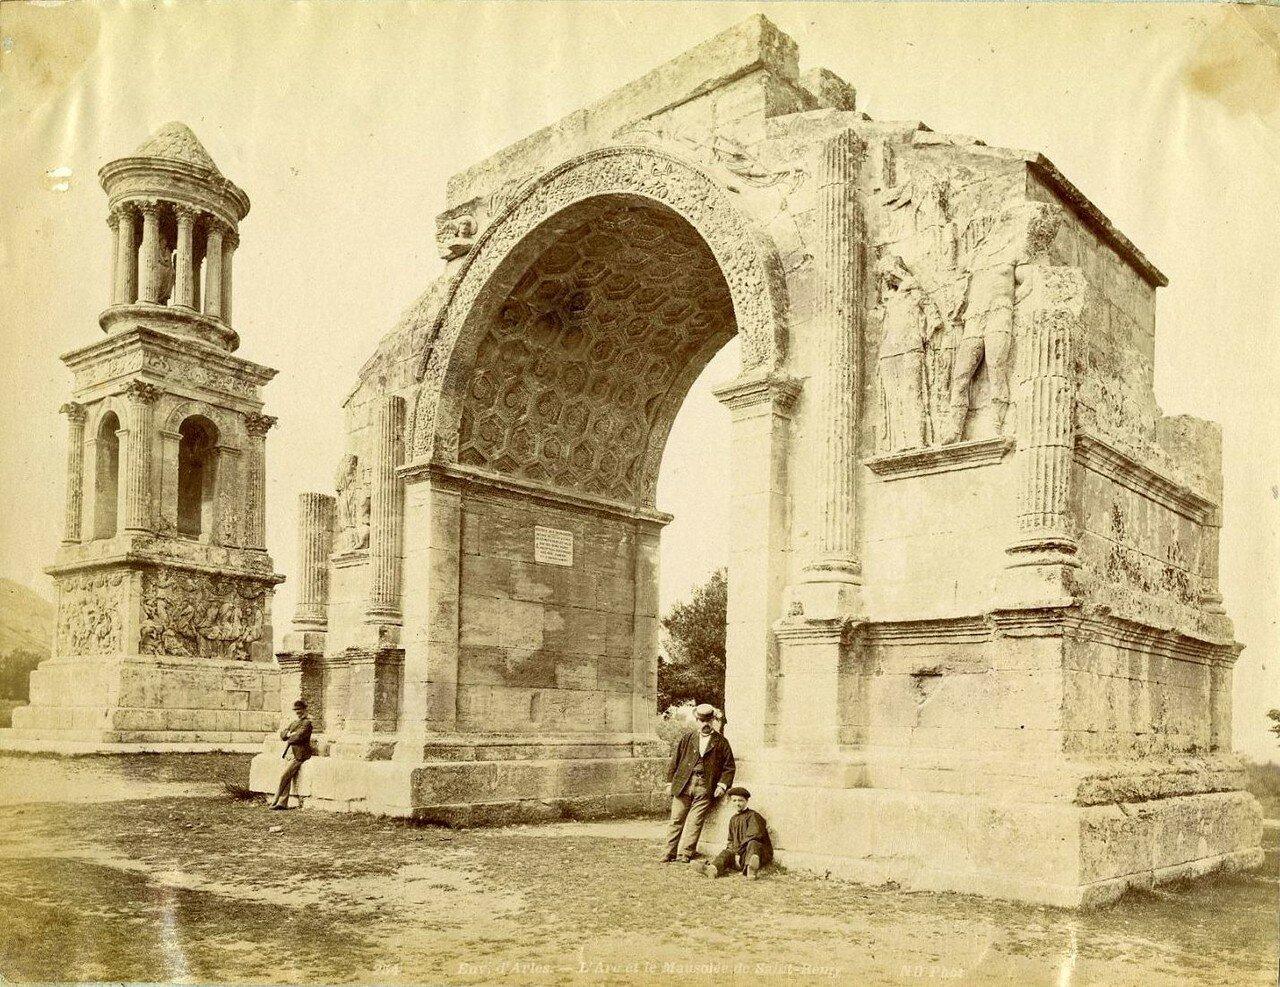 Окрестности Арли. Мавзолей Юлиев и Триумфальная арка